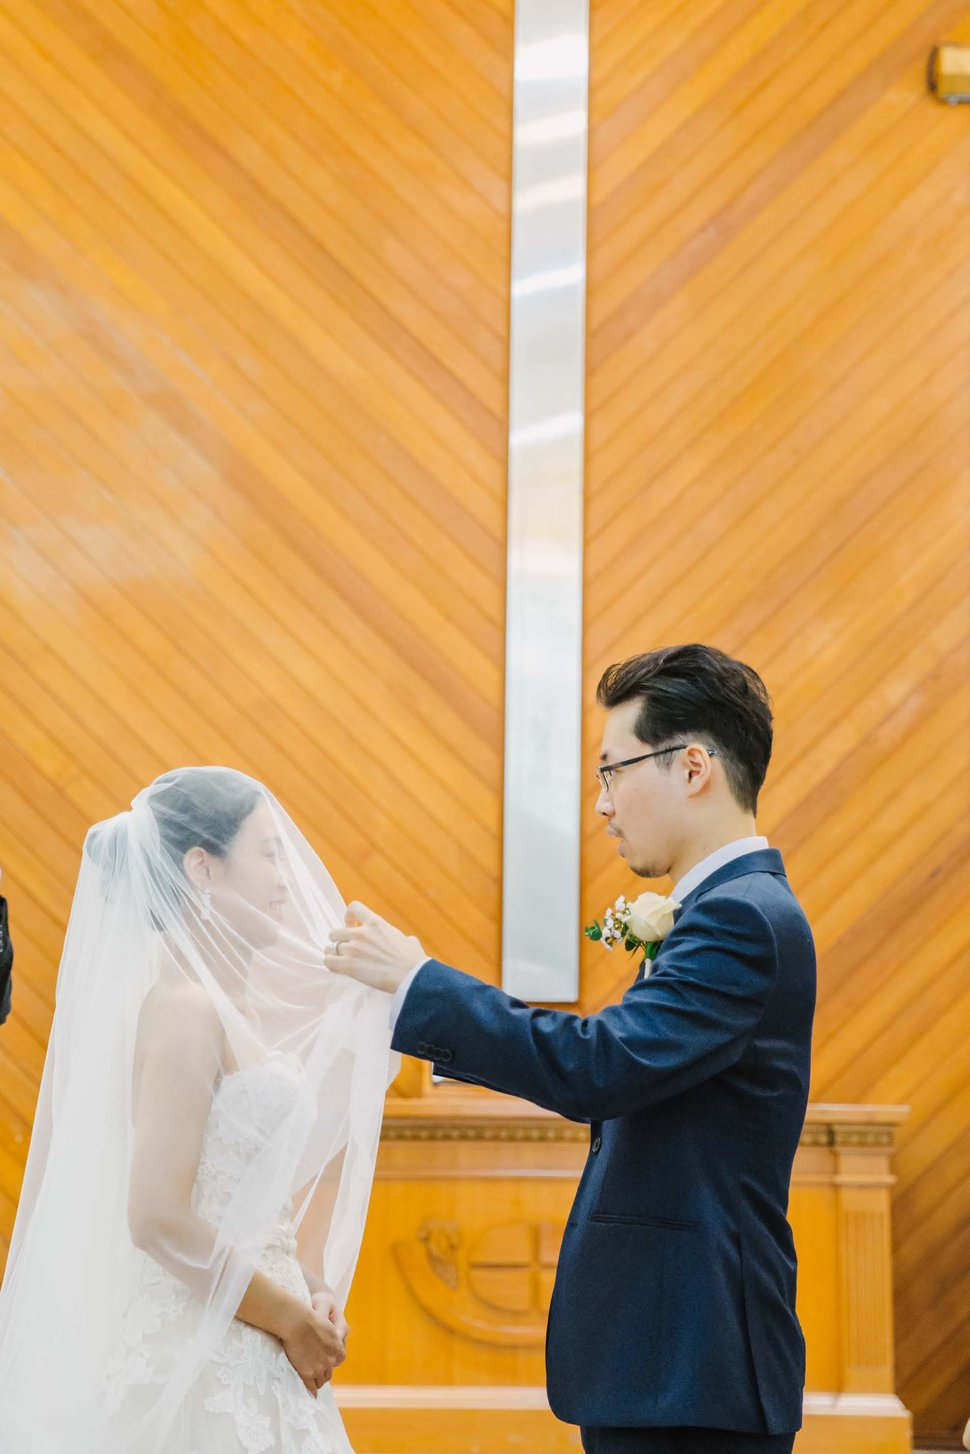 高雄林皇宮婚禮 -美式婚禮-美式婚禮紀錄- 教堂證婚-Amazing Grace 攝影美學 -台北婚禮紀錄 - Amazing Grace Studio19 - Amazing Grace Studio《結婚吧》